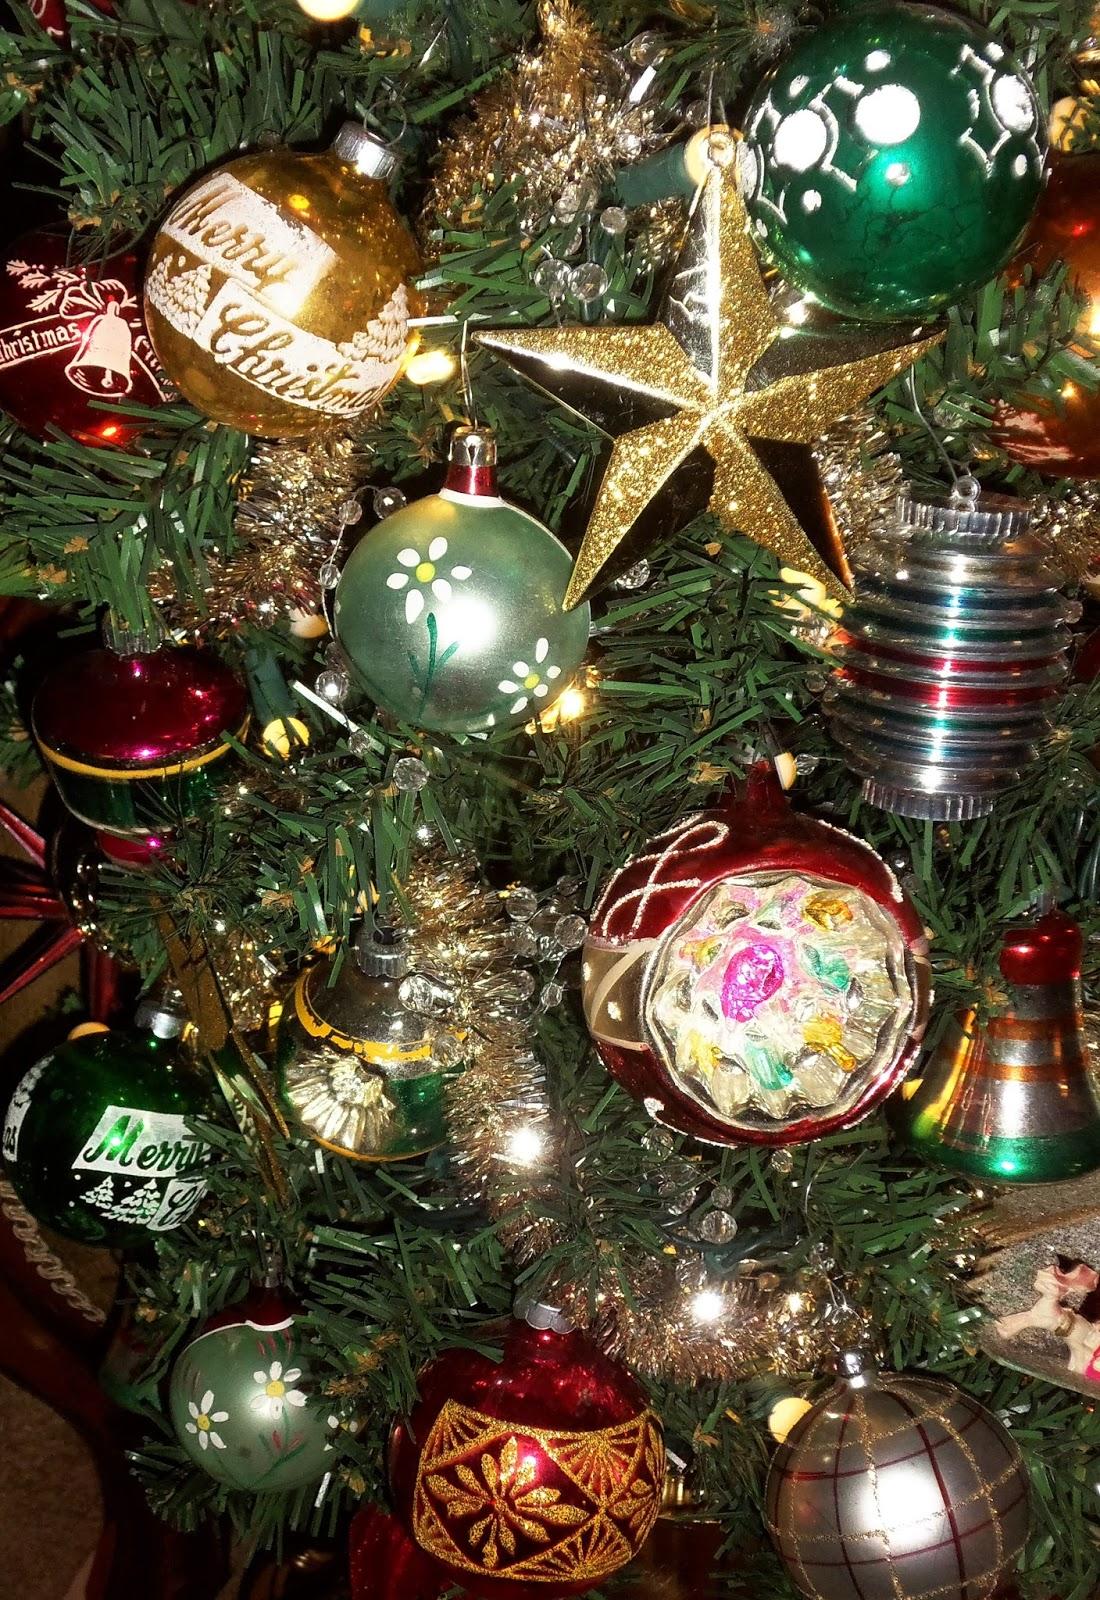 100_7665 Where Do Christmas Trees Come From Originally